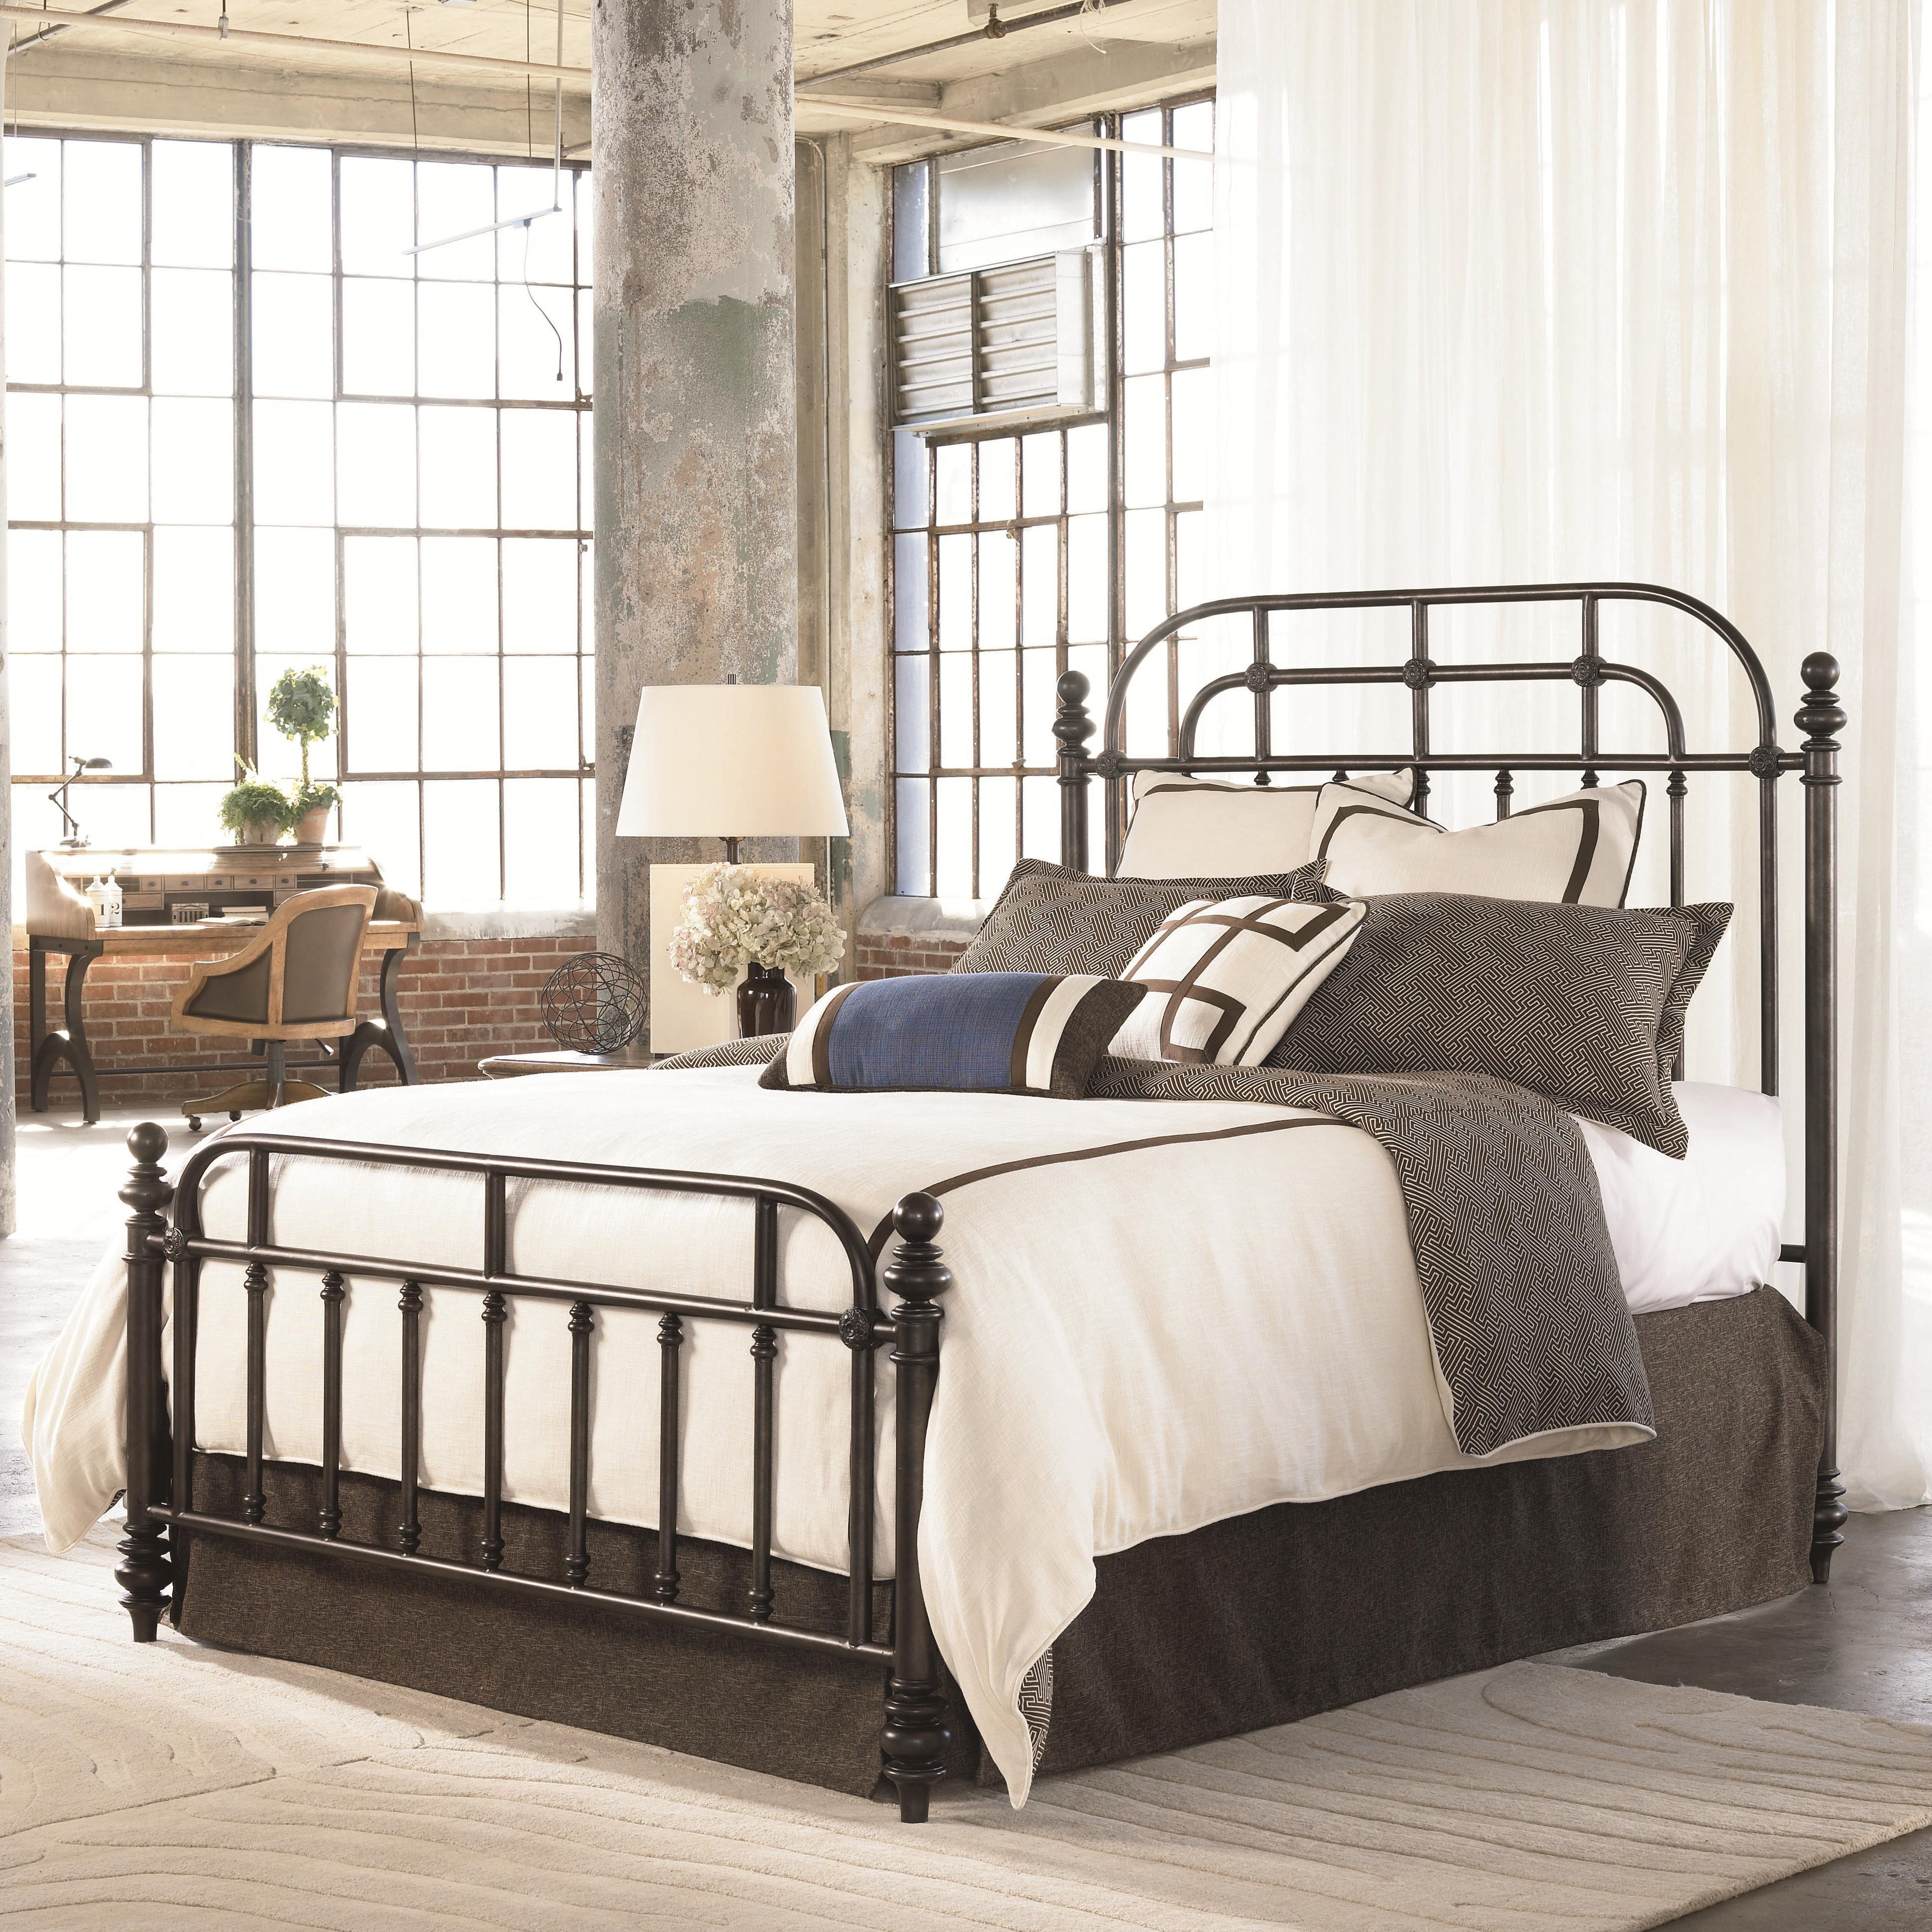 Home Model home furnishings, Furniture, Howell furniture